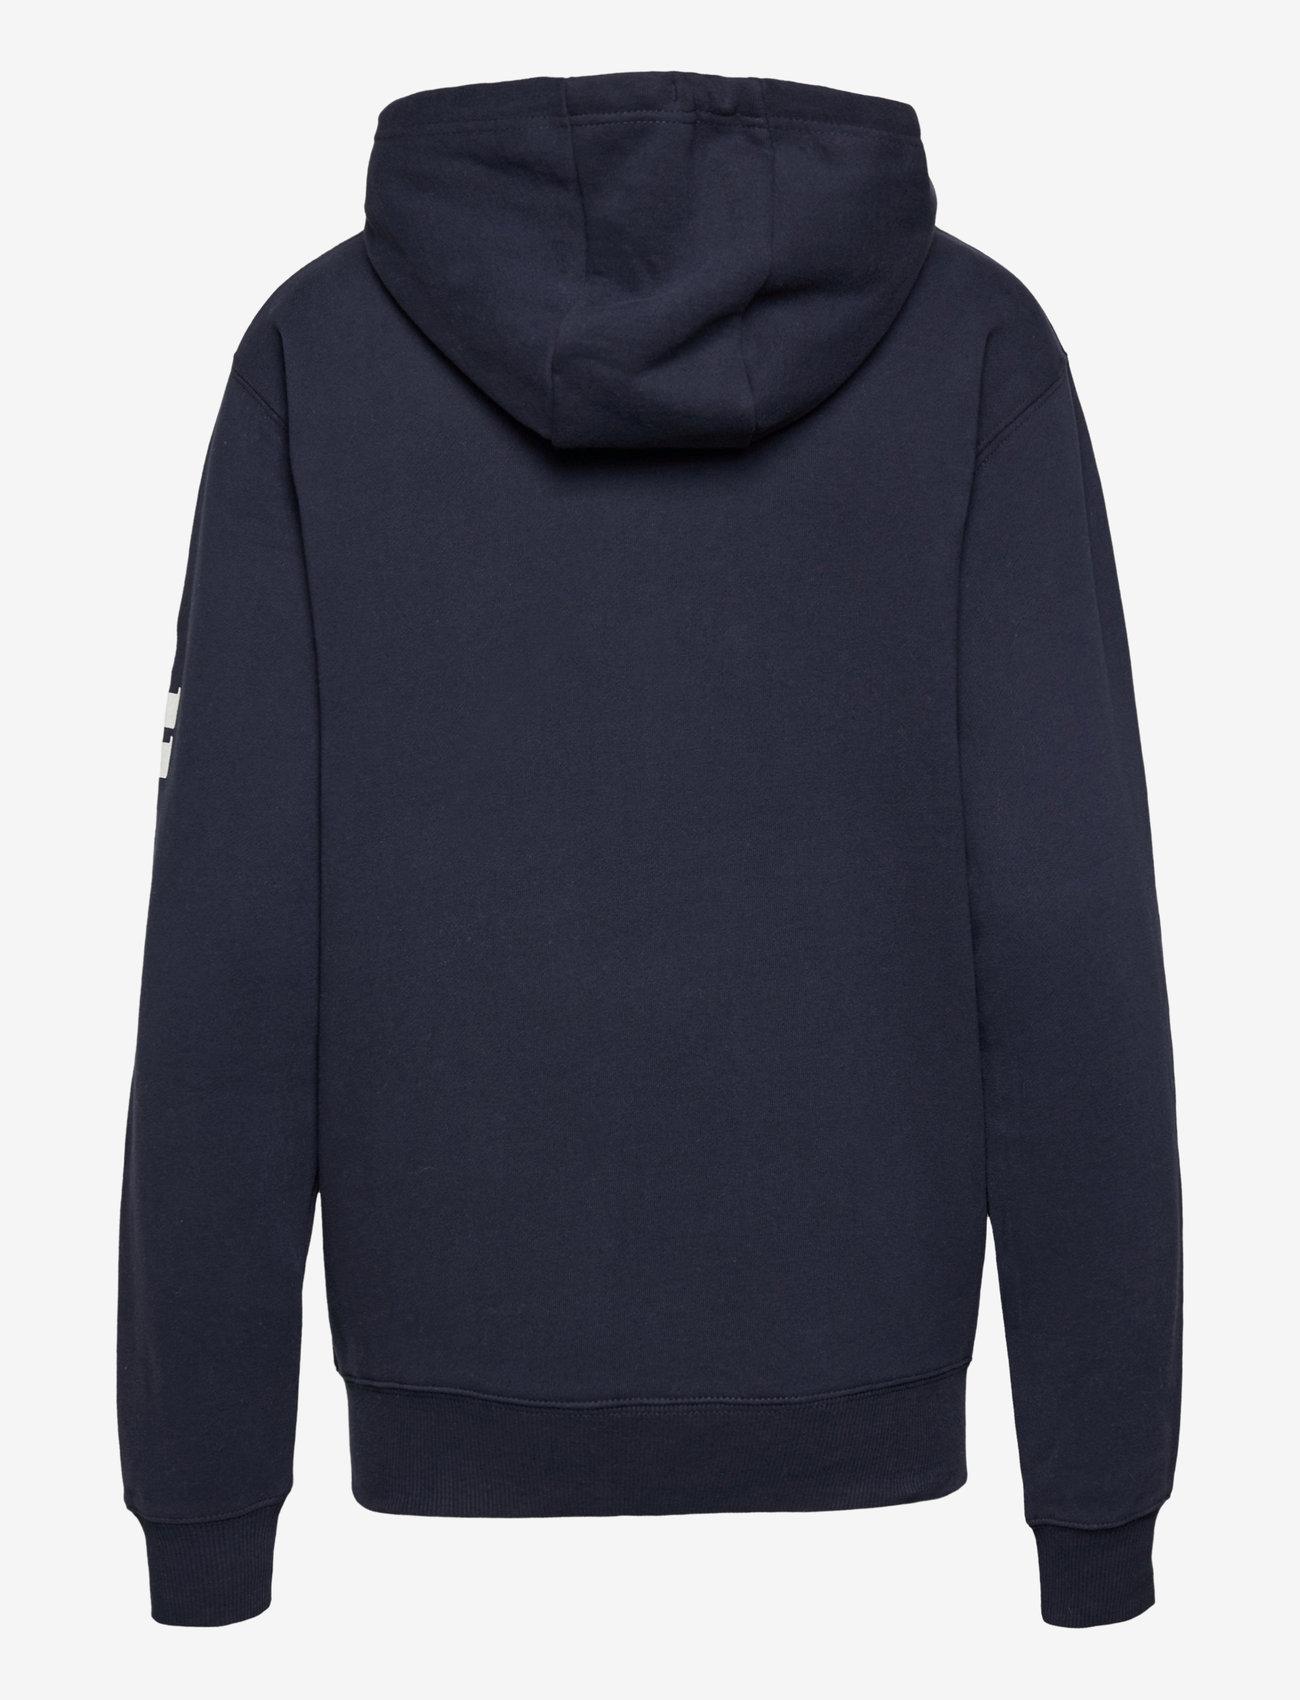 Ellesse - EL SERINATAS - hoodies - navy - 1